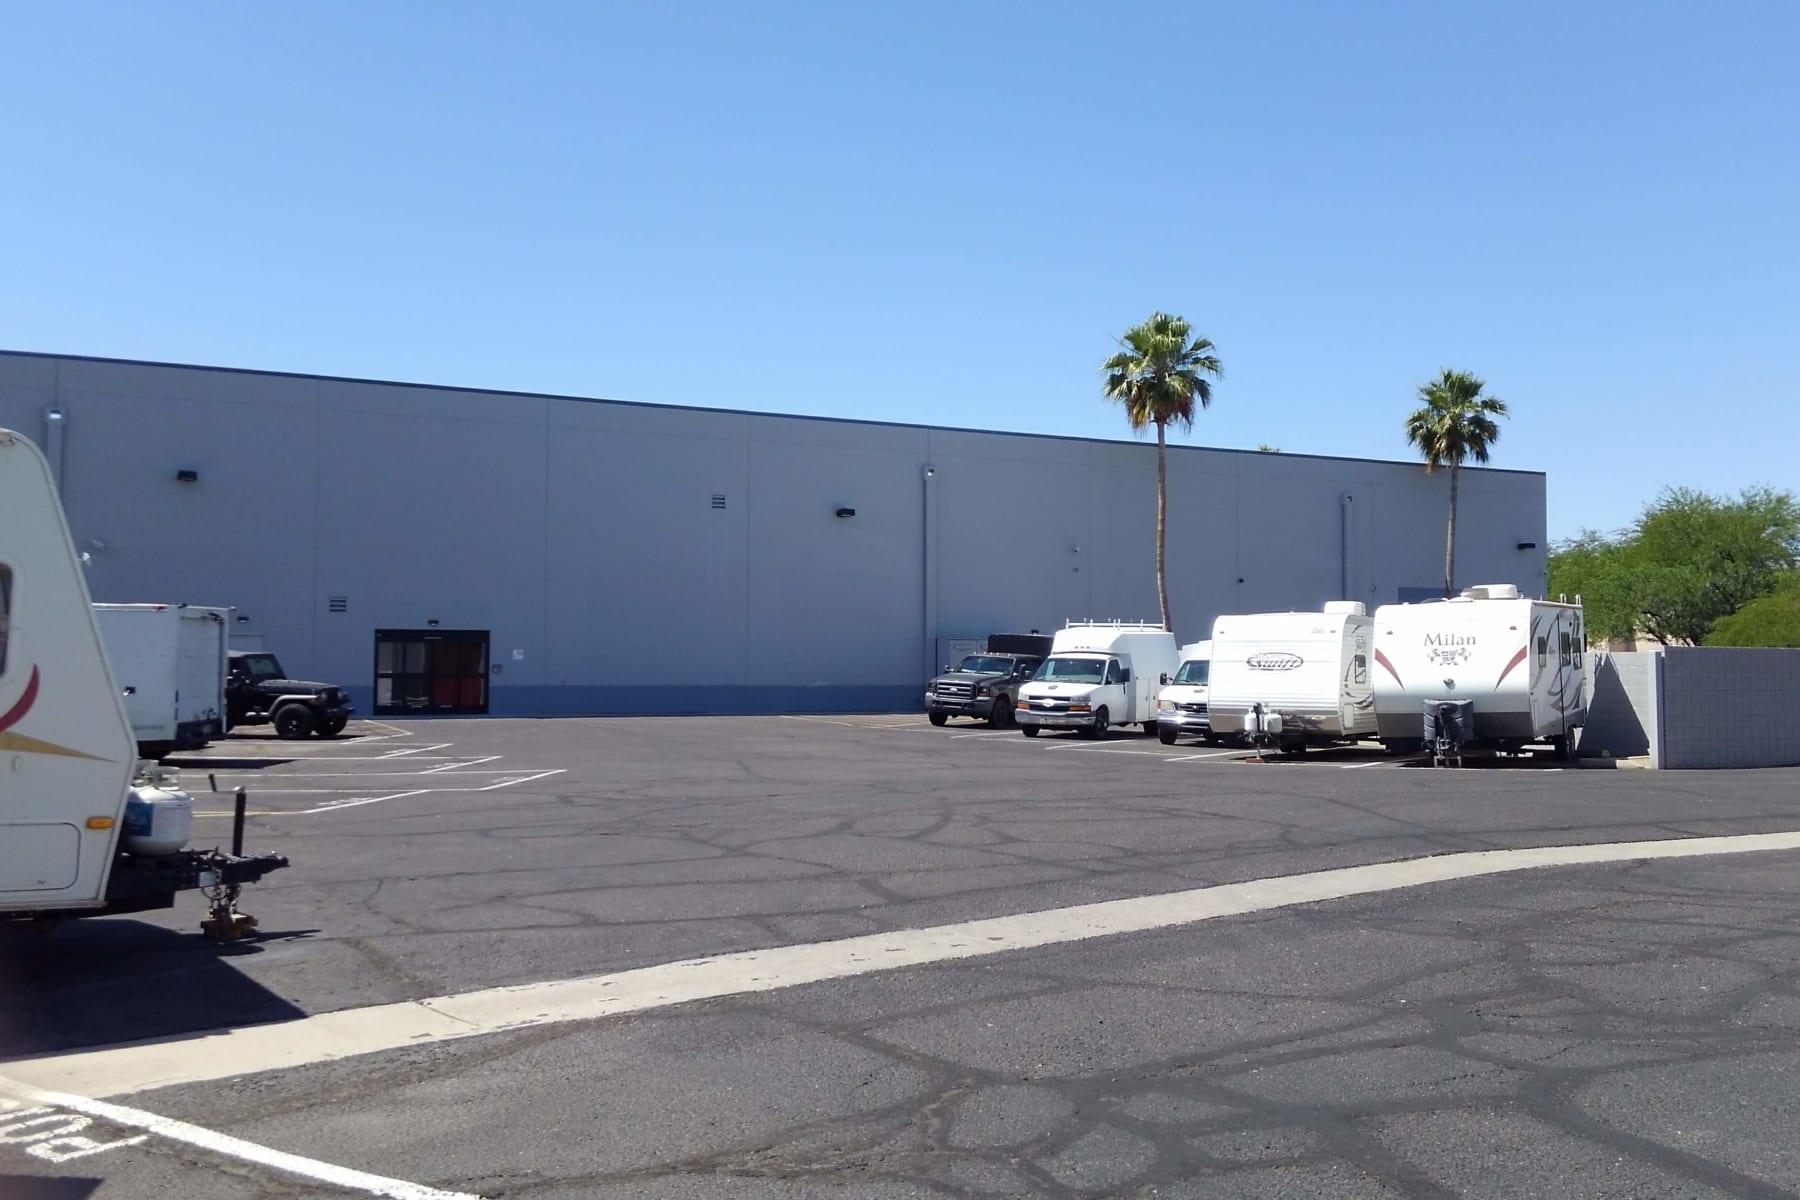 Parking at StorQuest Self Storage in Chandler, AZ